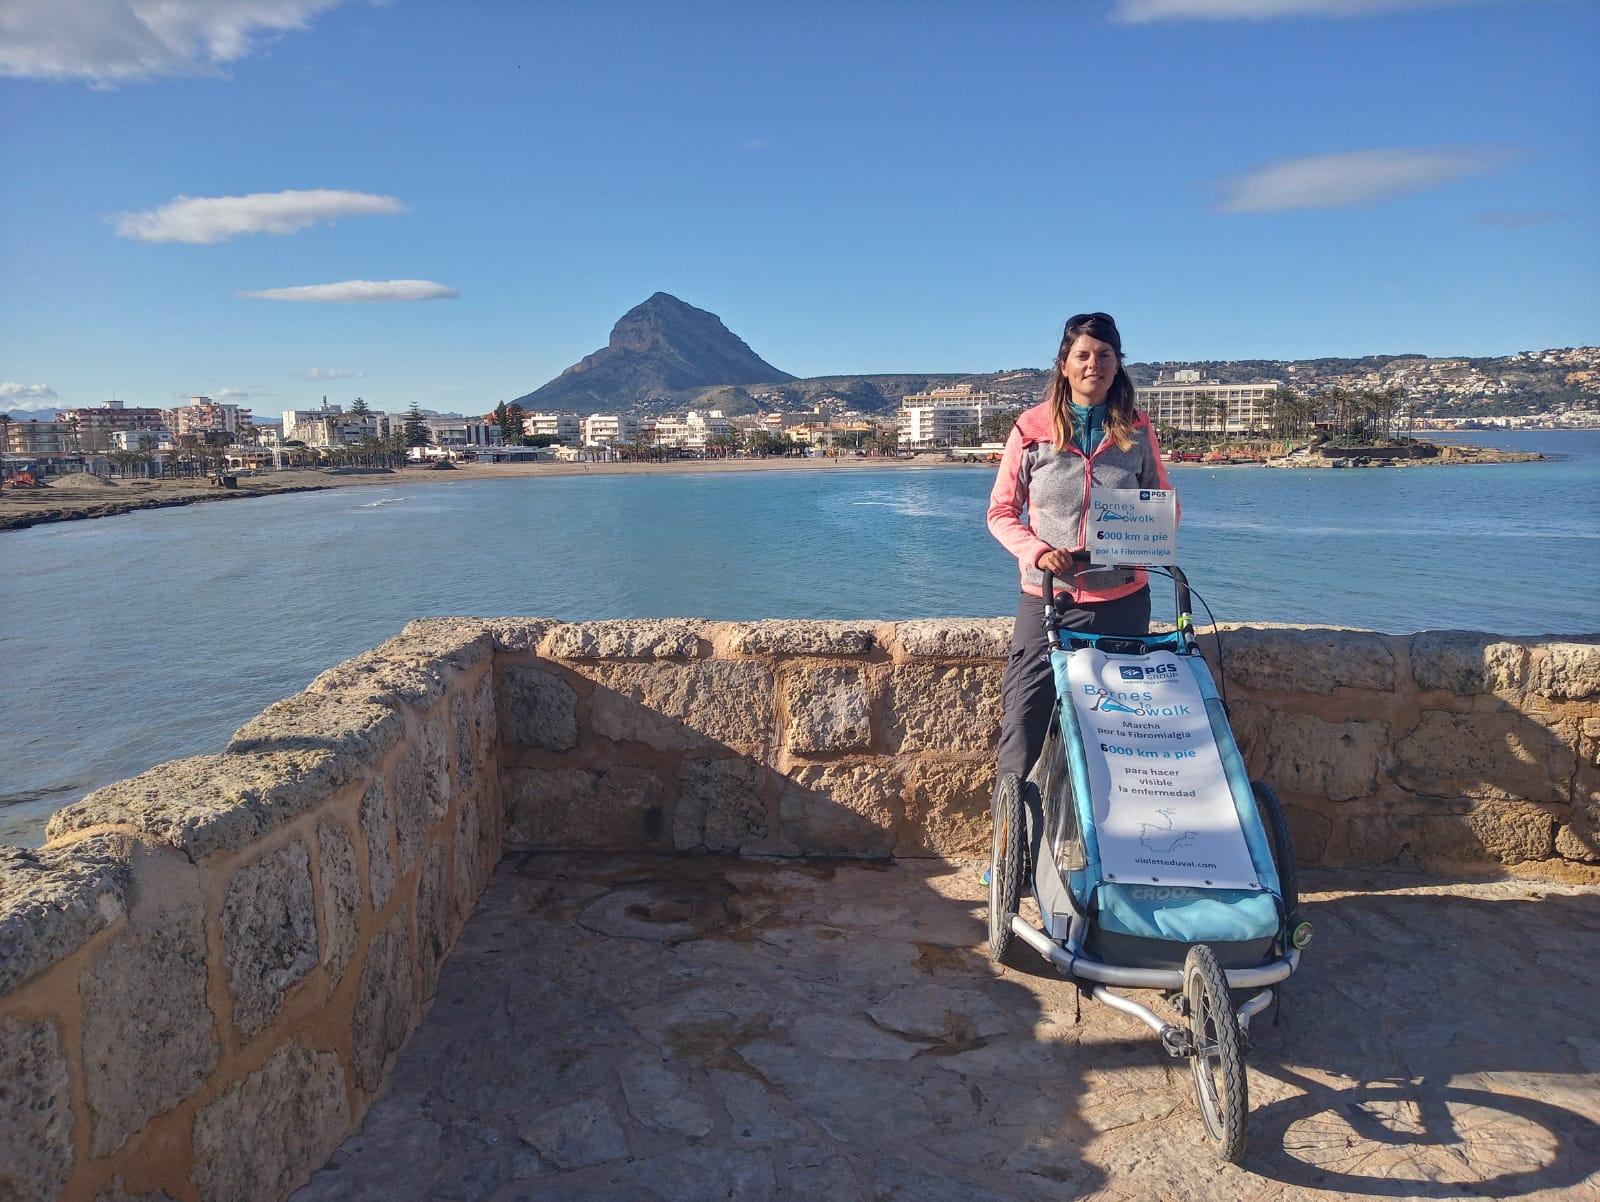 Violette junto a su carrito en Xàbia